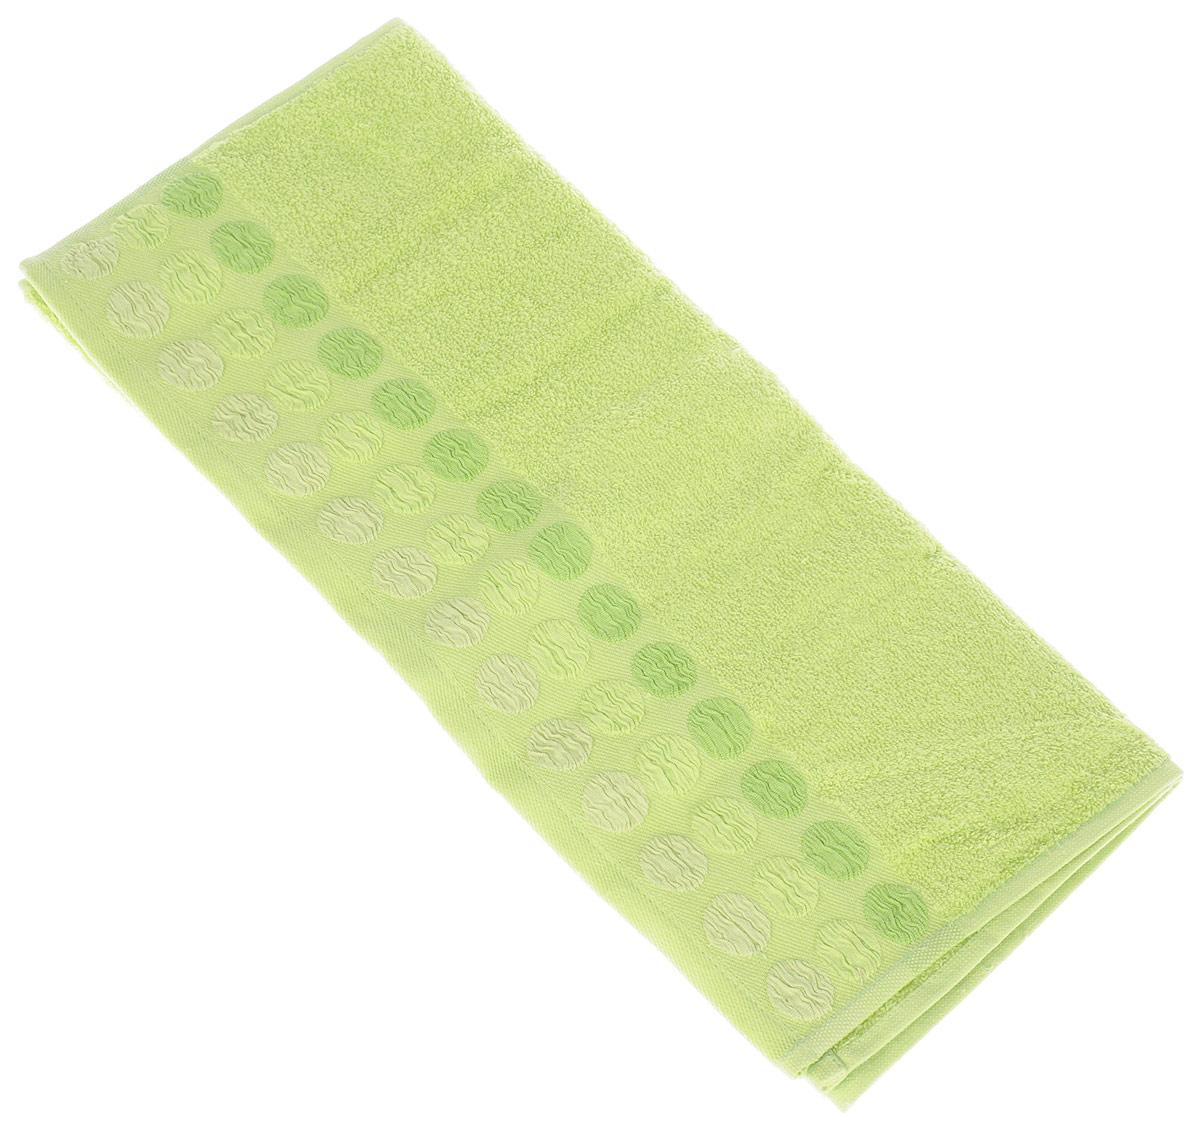 Полотенце Brielle Point, цвет: зеленый, 50 х 90 см1207Полотенце Brielle Point выполнено из 100% хлопка. Изделие очень мягкое, оно отлично впитывает влагу, быстро сохнет, сохраняет яркость цвета и не теряет формы даже после многократных стирок. Модель оформлена рисунком. Полотенце Brielle Point очень практично и неприхотливо в уходе. Такое полотенце послужит приятным подарком.